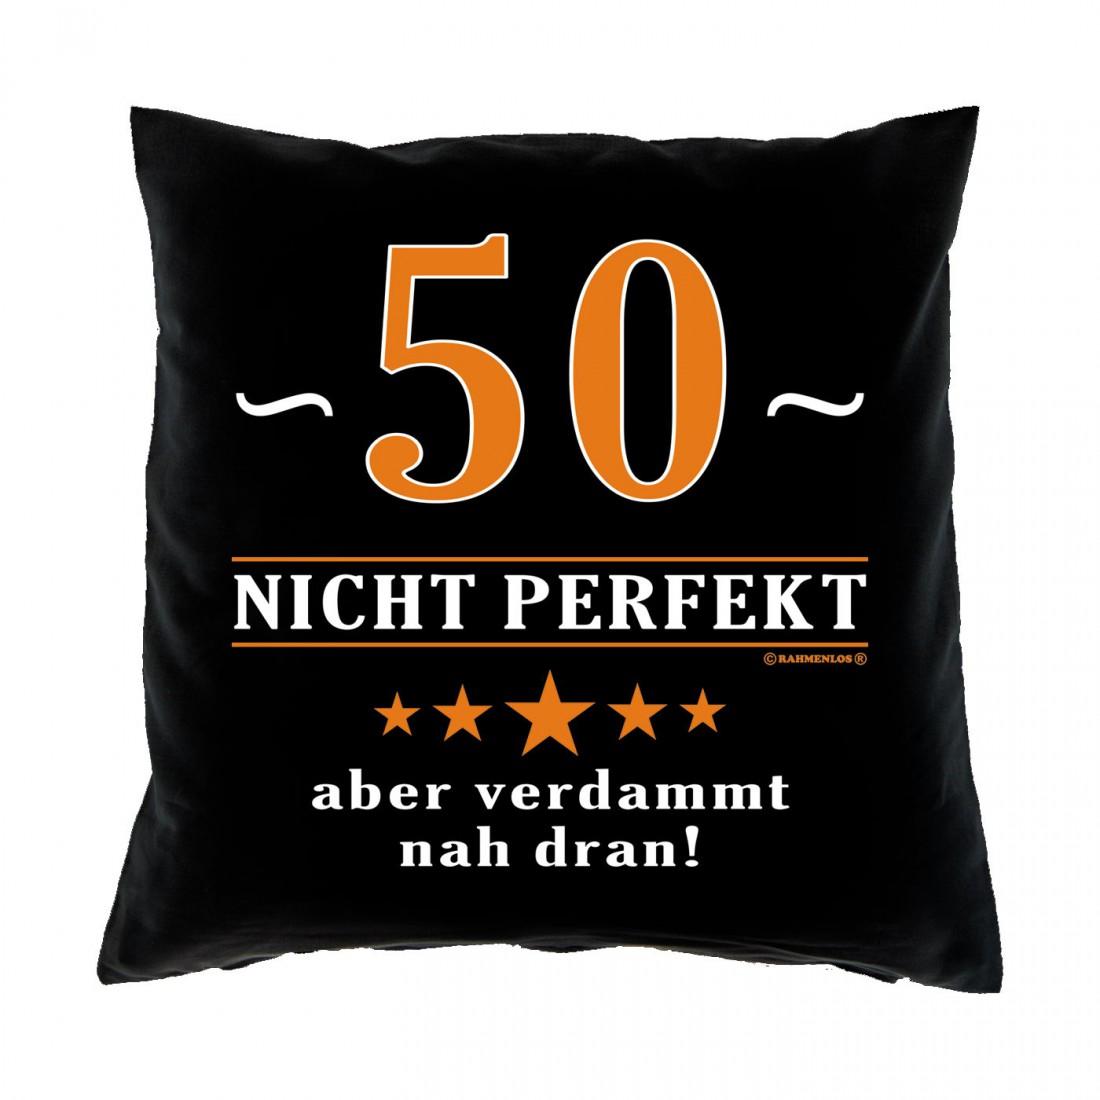 kissen 40x40 50 jahre nicht perfekt aber nah dran geschenk 50 geburtstag funwarestore. Black Bedroom Furniture Sets. Home Design Ideas